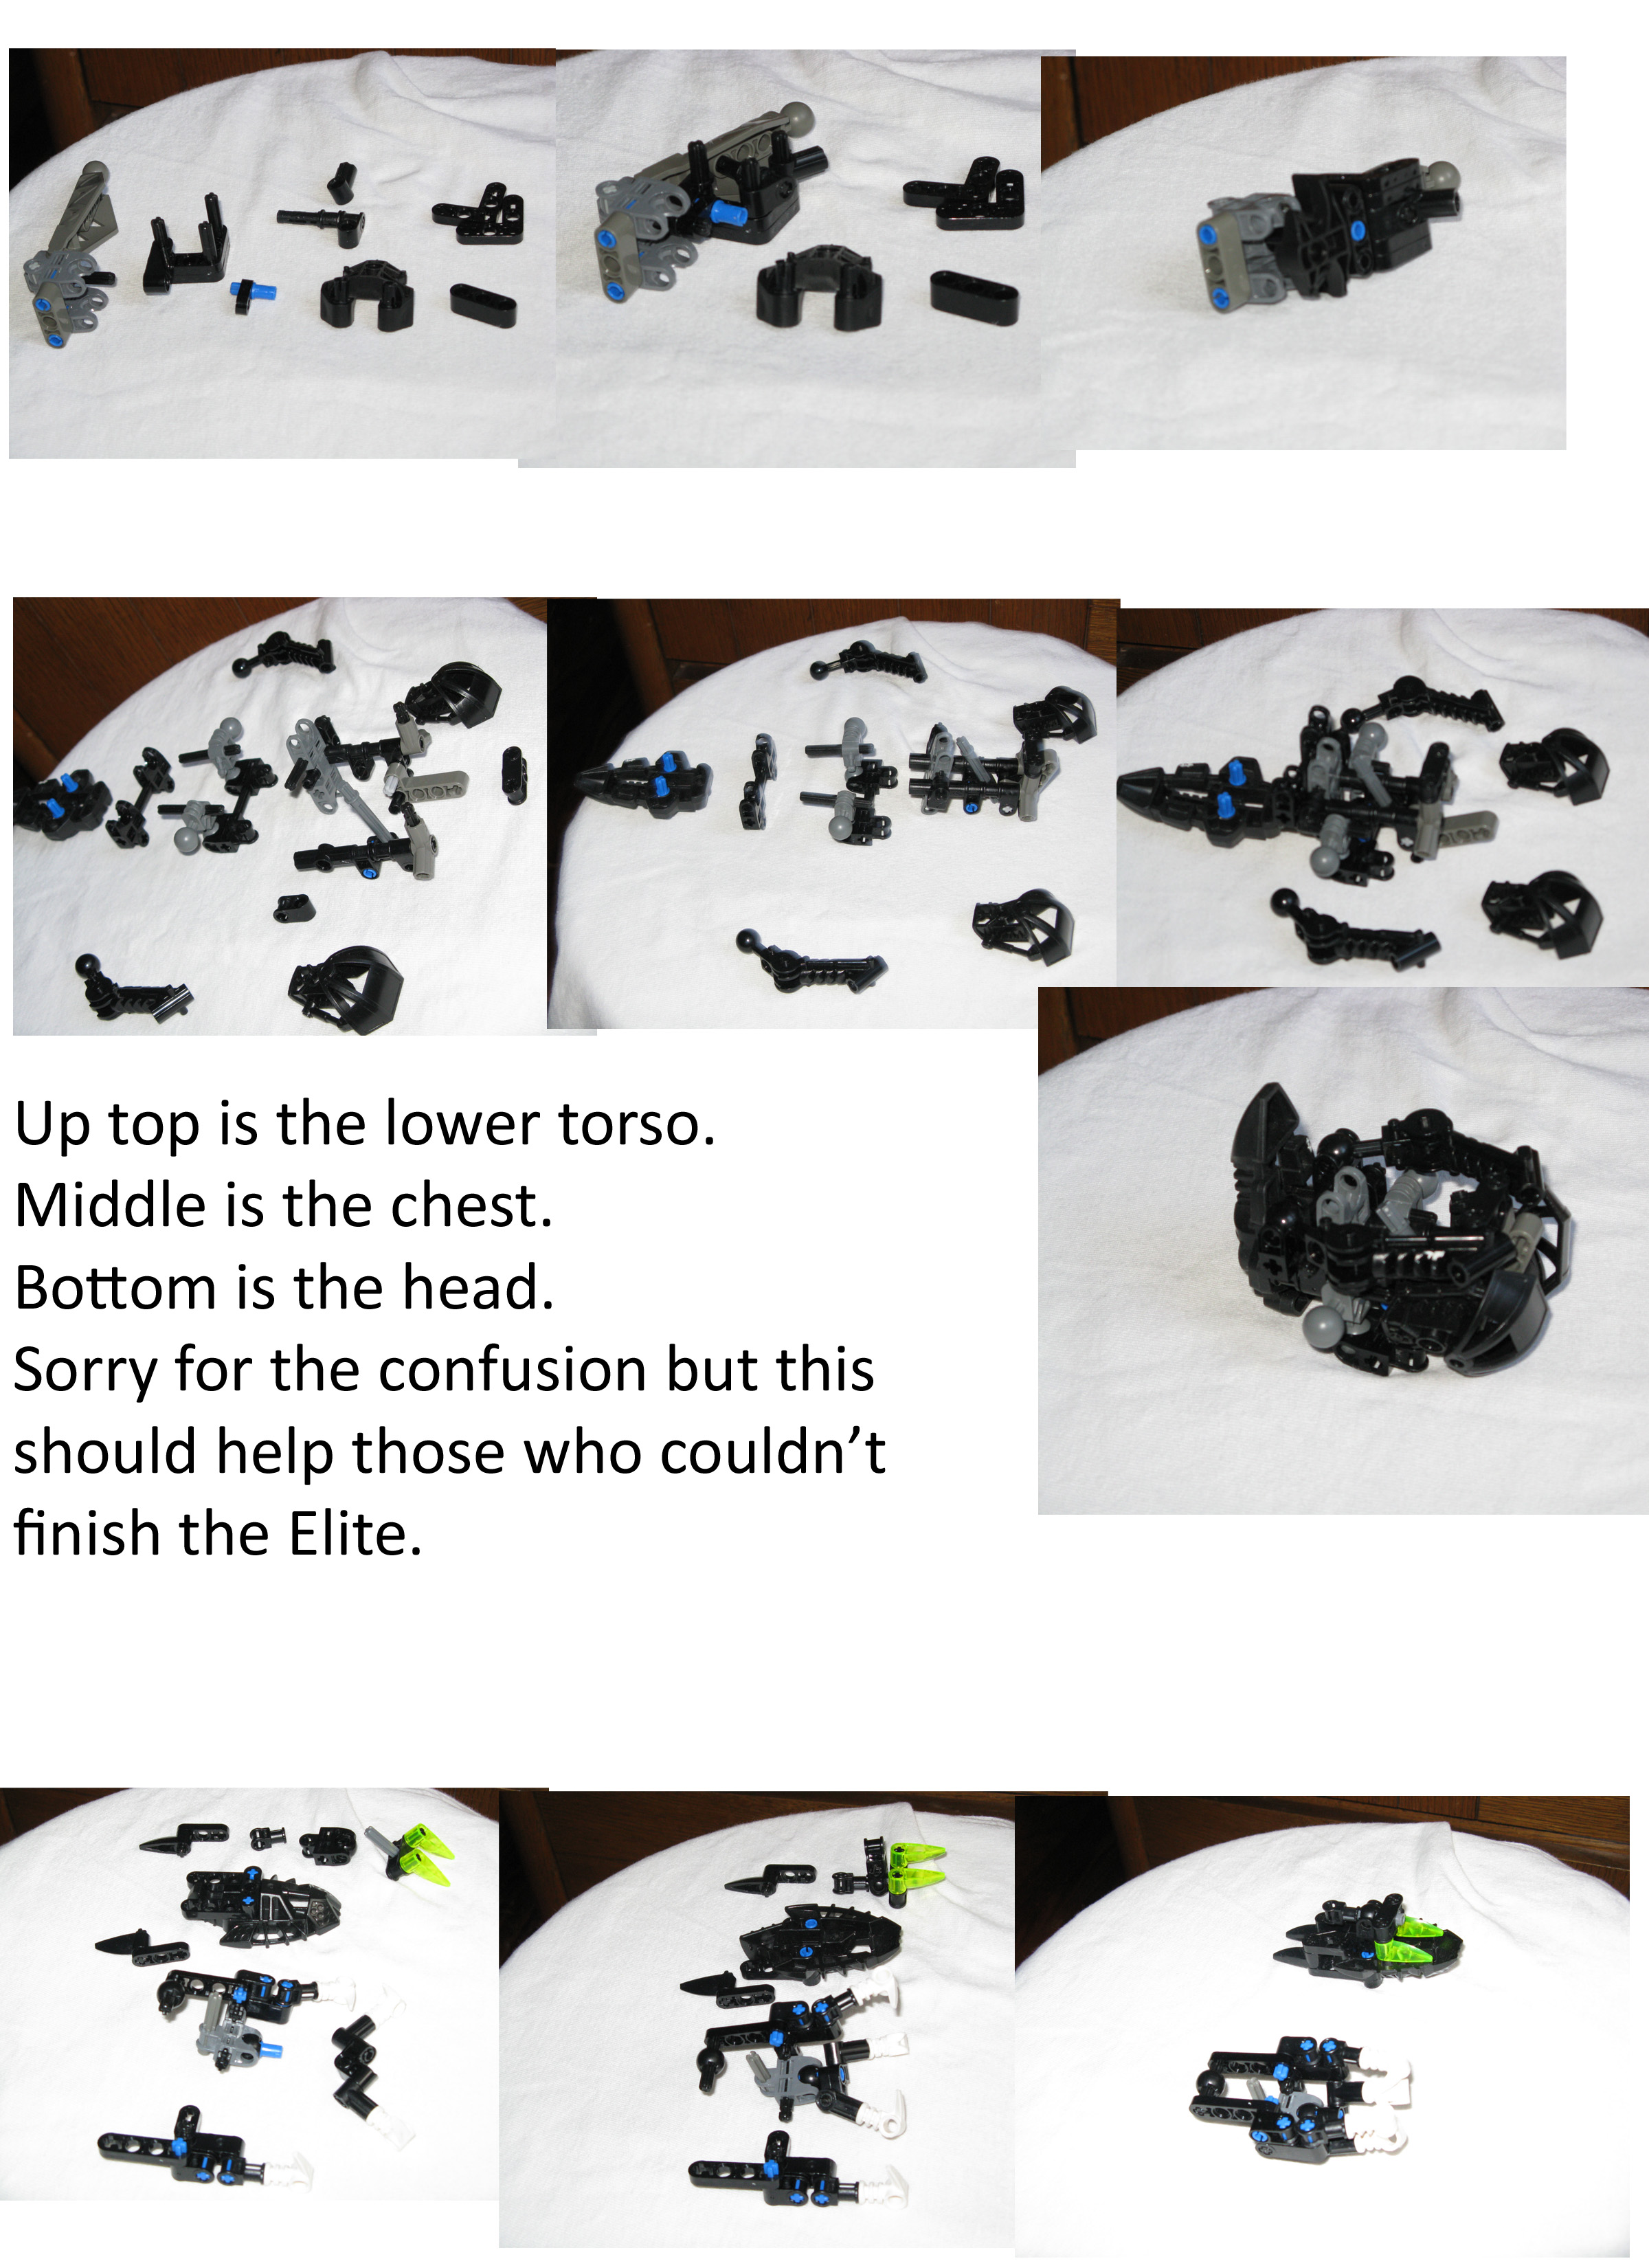 Lego Spec op Elite Fix by retinence